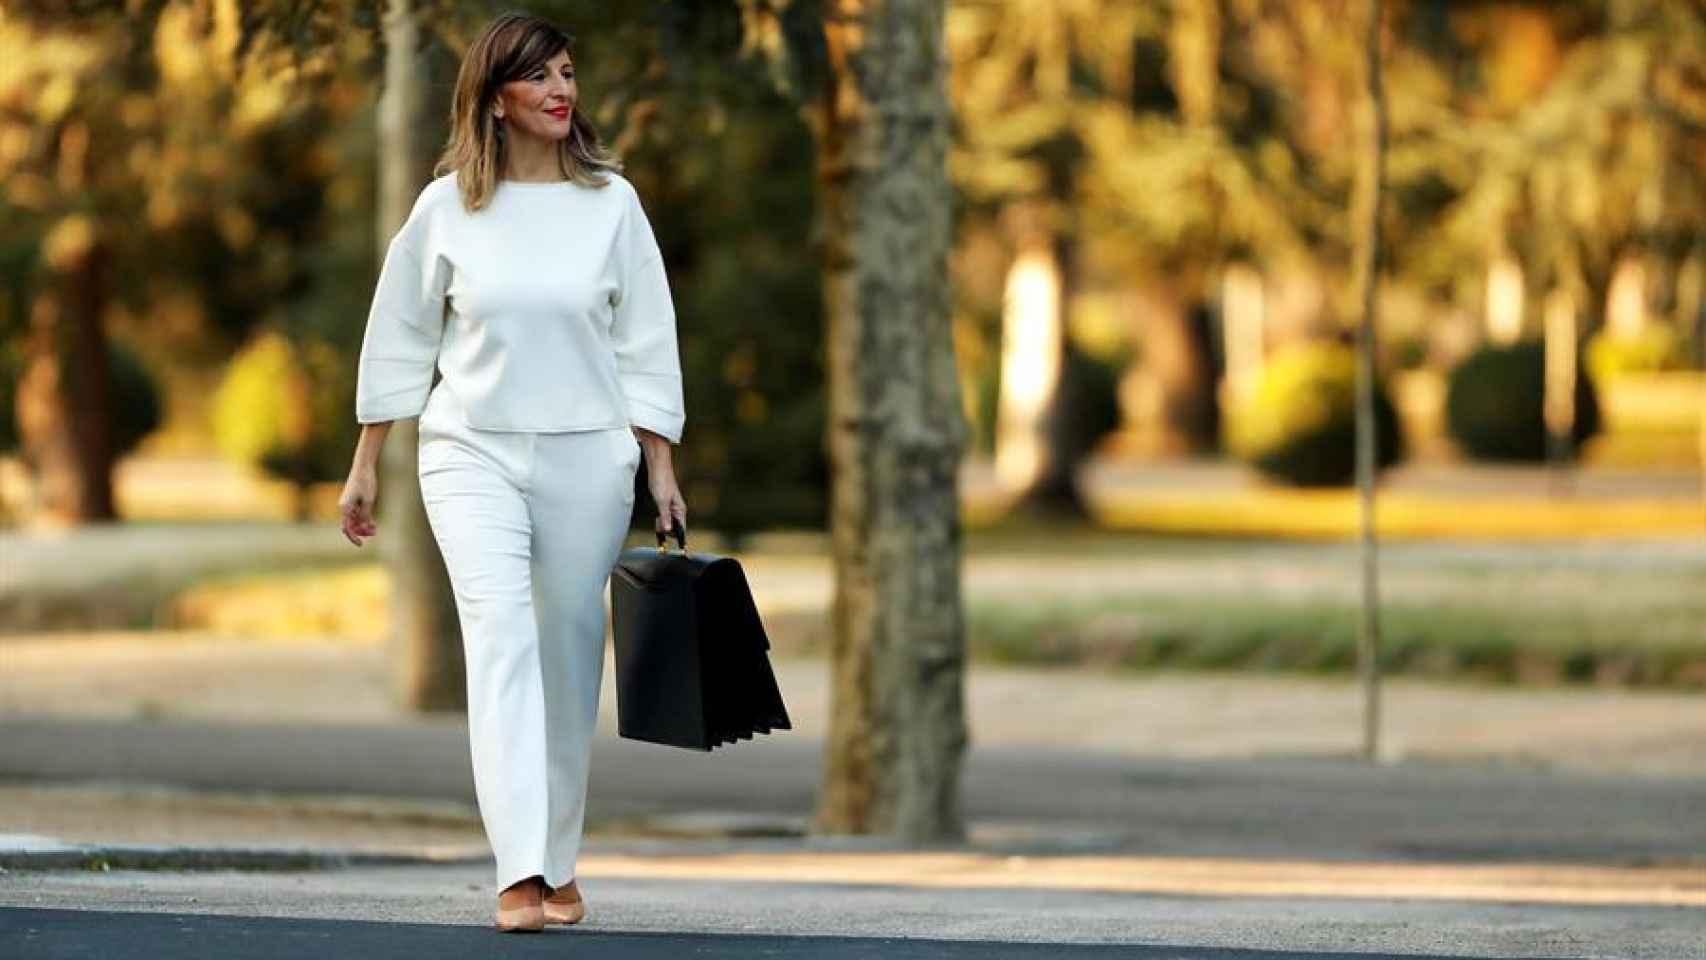 La ministra de Trabajo, Yolanda Díaz, llega al Palacio de la Moncloa para asistir al primer Consejo de Ministros del Gobierno de coalición.